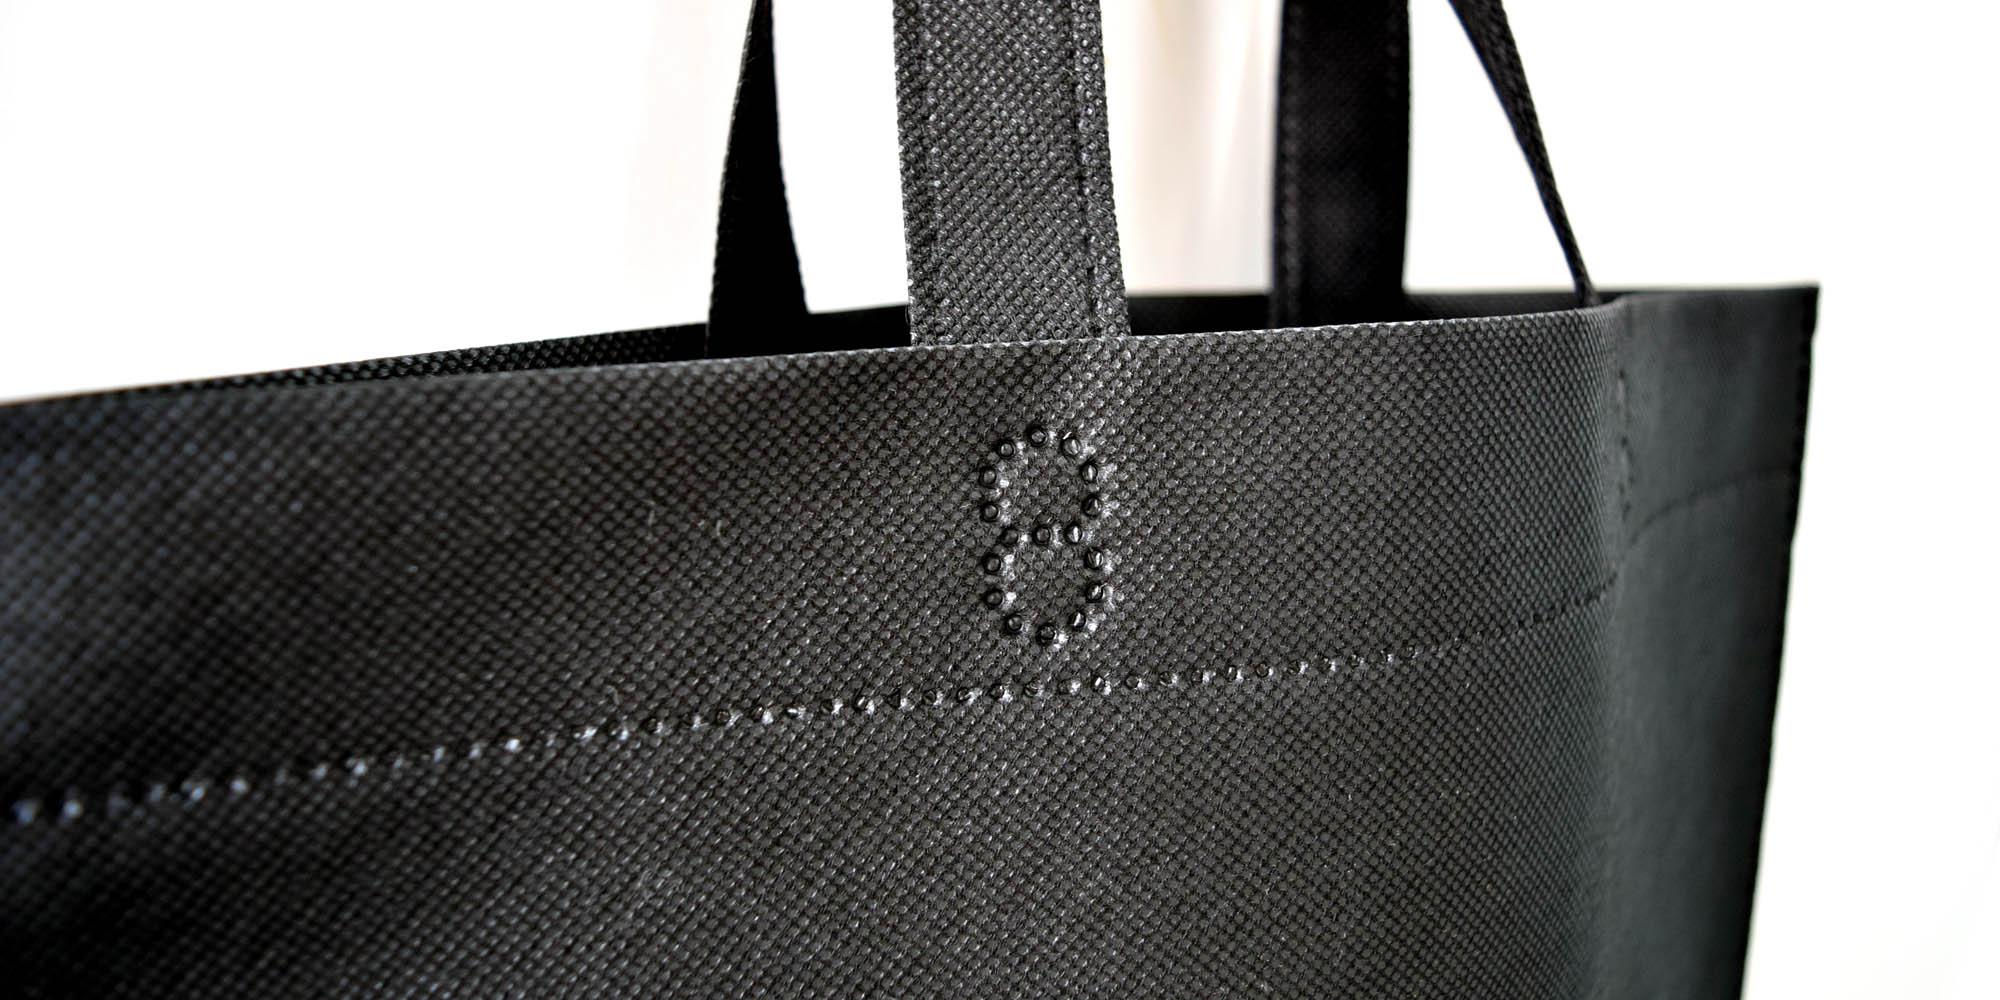 ハウスメーカー開催のモデルハウス・イベント用。低価格の超音波縫製のA3不織布バッグ。